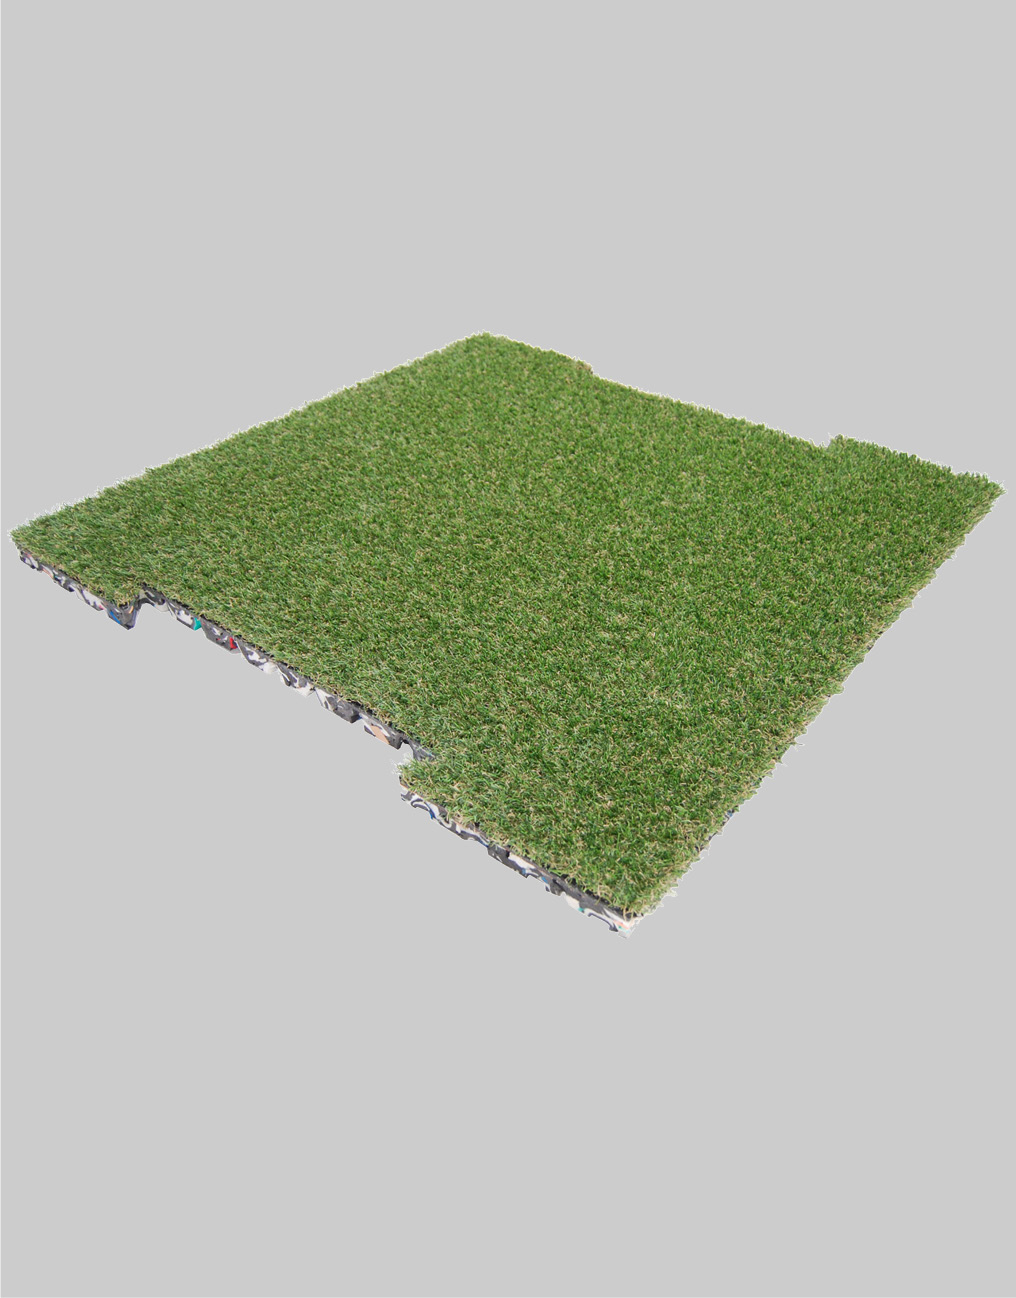 Kunstgræsflise til sport, have, altan, terrasse, legeplads m.m. 98x98 cm